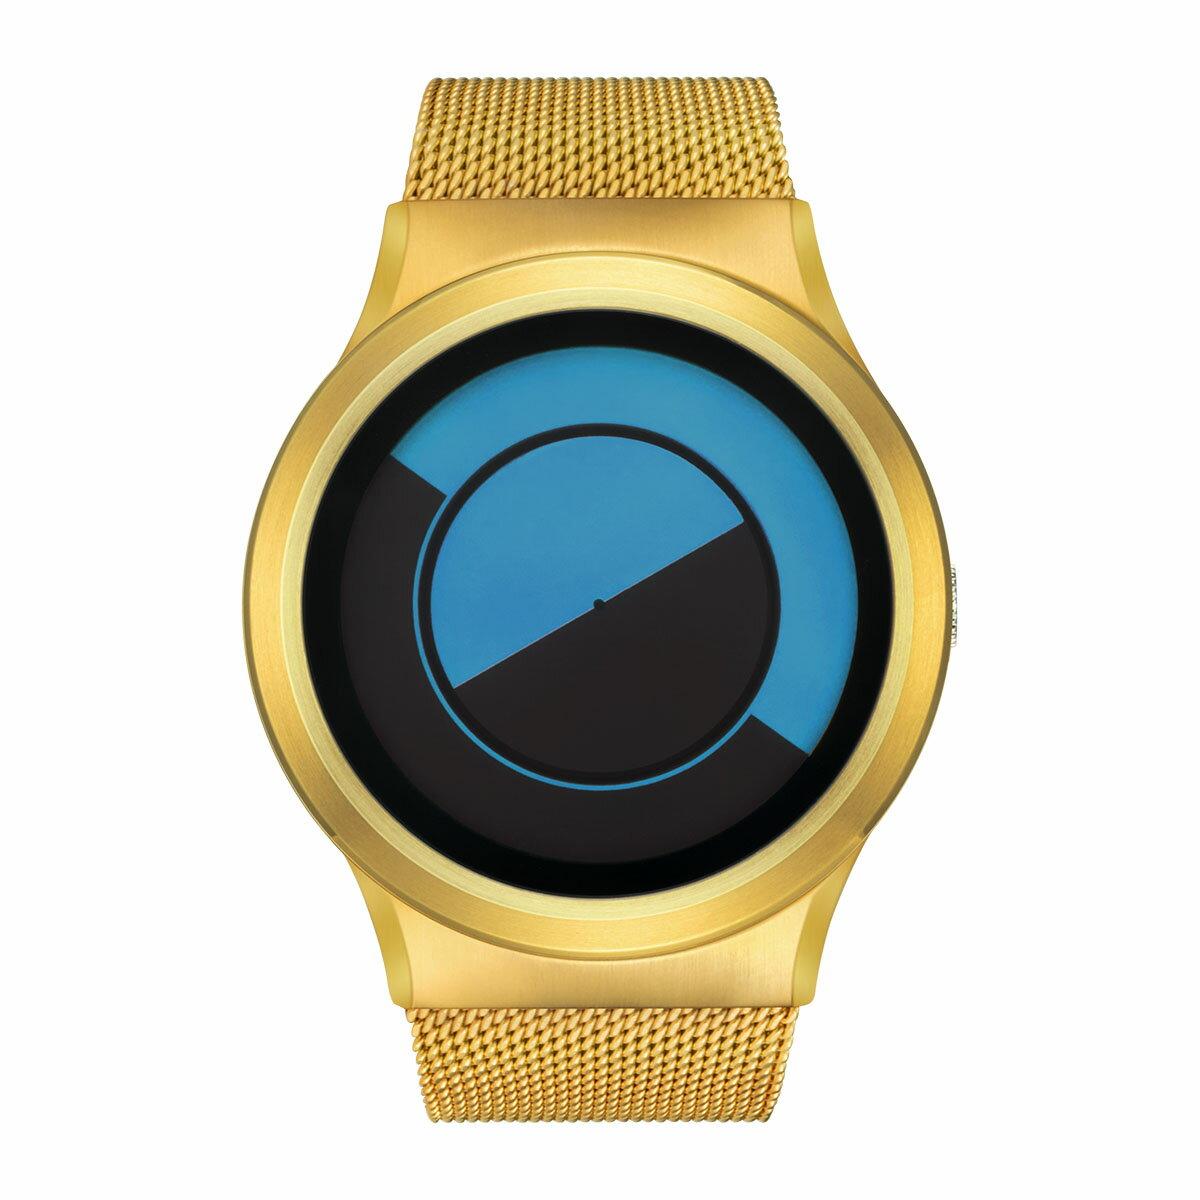 ZEROO QUARTER MOON ゼロ 電池式クォーツ 腕時計 [W08032B04SM04] ブルー デザインウォッチ ペア用 メンズ レディース ユニセックス おしゃれ時計 デザイナーズ